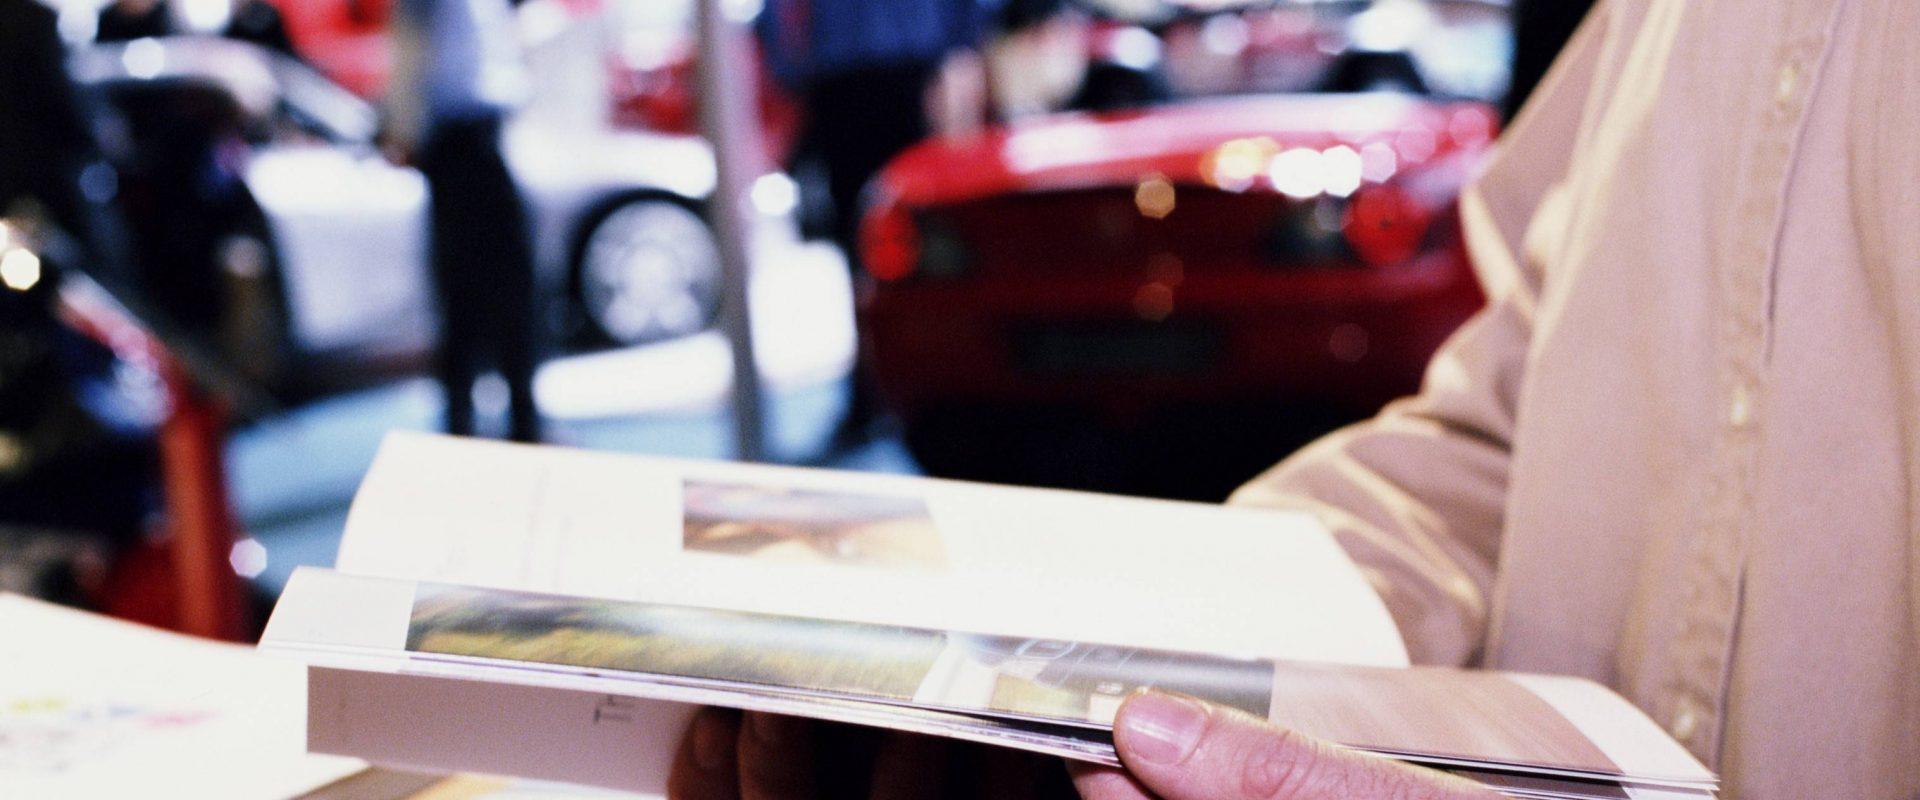 Confira 9 eventos de carro de luxo que valem a pena ir